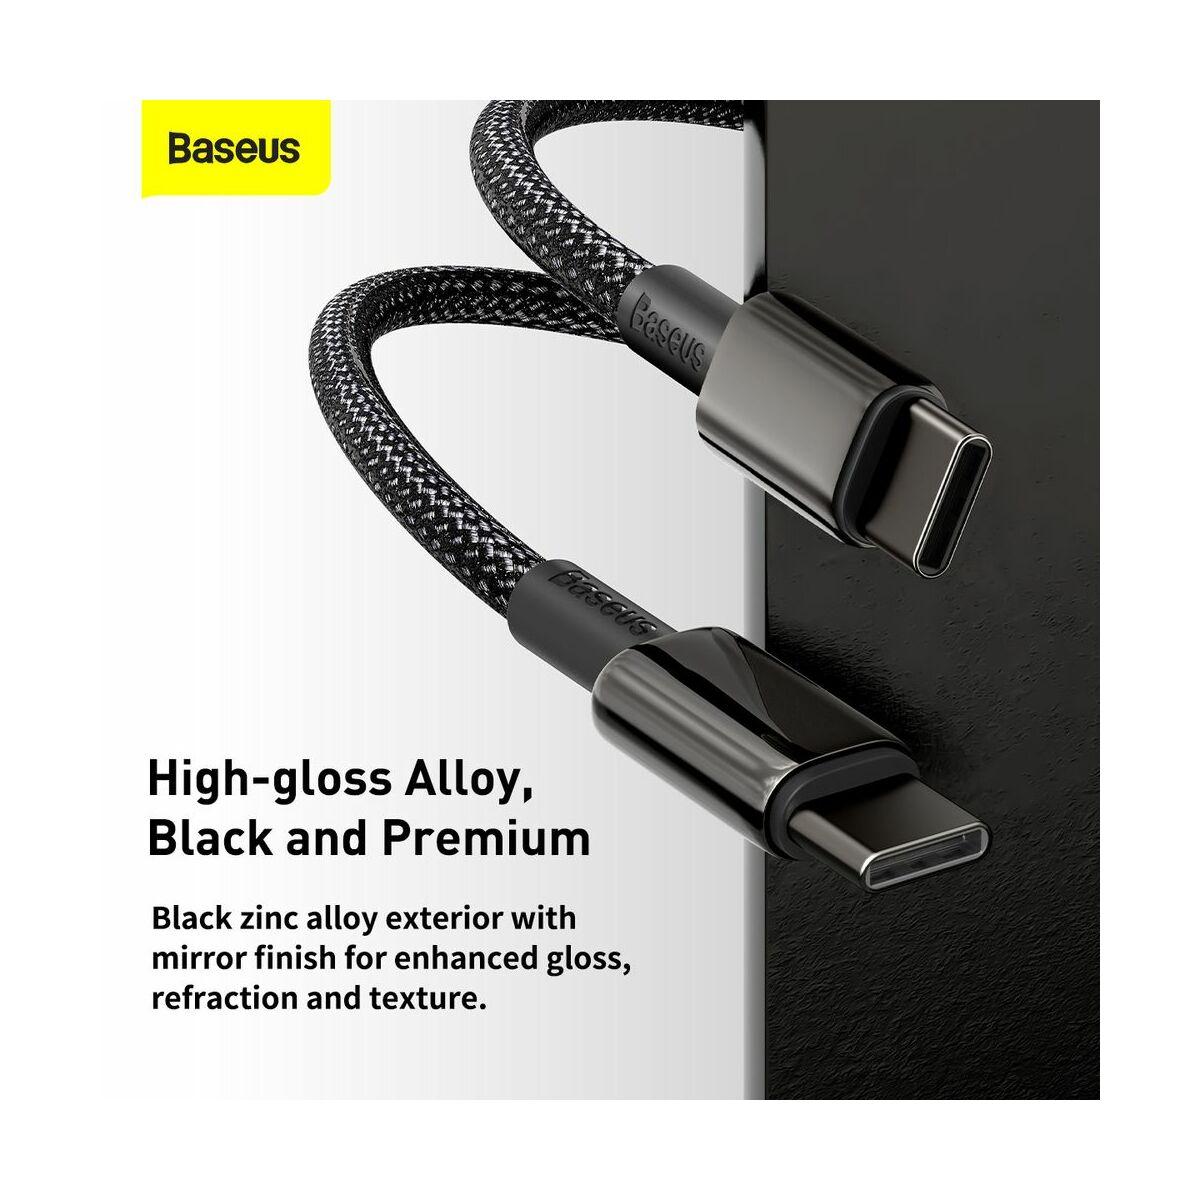 Baseus Type-C kábel, Tungsten Gold gyorstöltő és adatkábel 100W (20V/5A) 2m, fekete (CATWJ-A01)